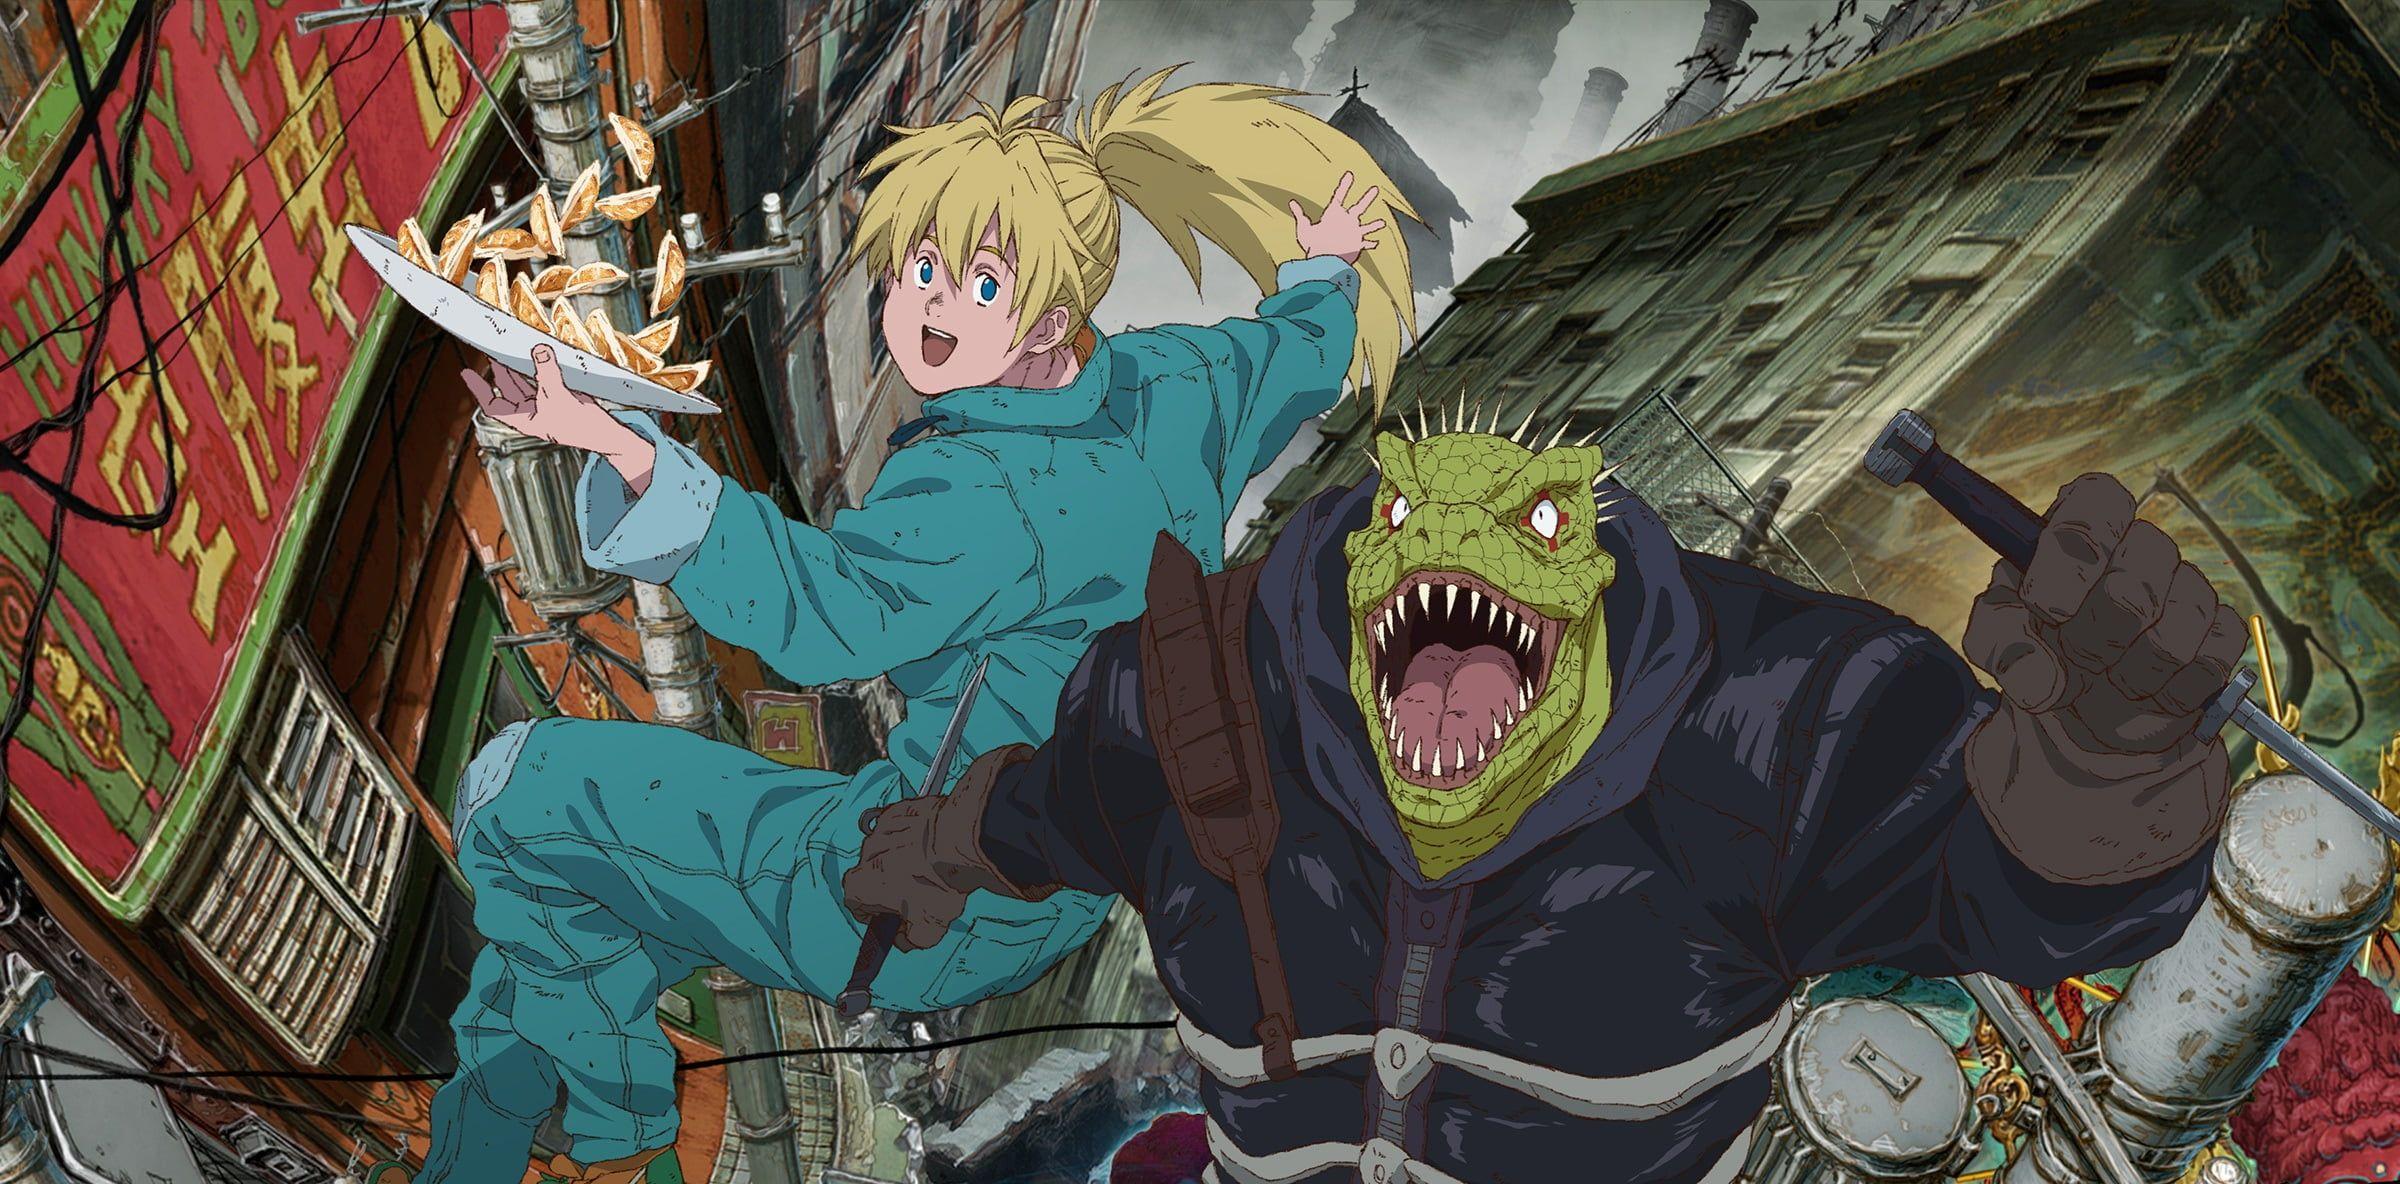 Anime Dorohedoro Kaiman (Dorohedoro) Nikaido (Dorohedoro